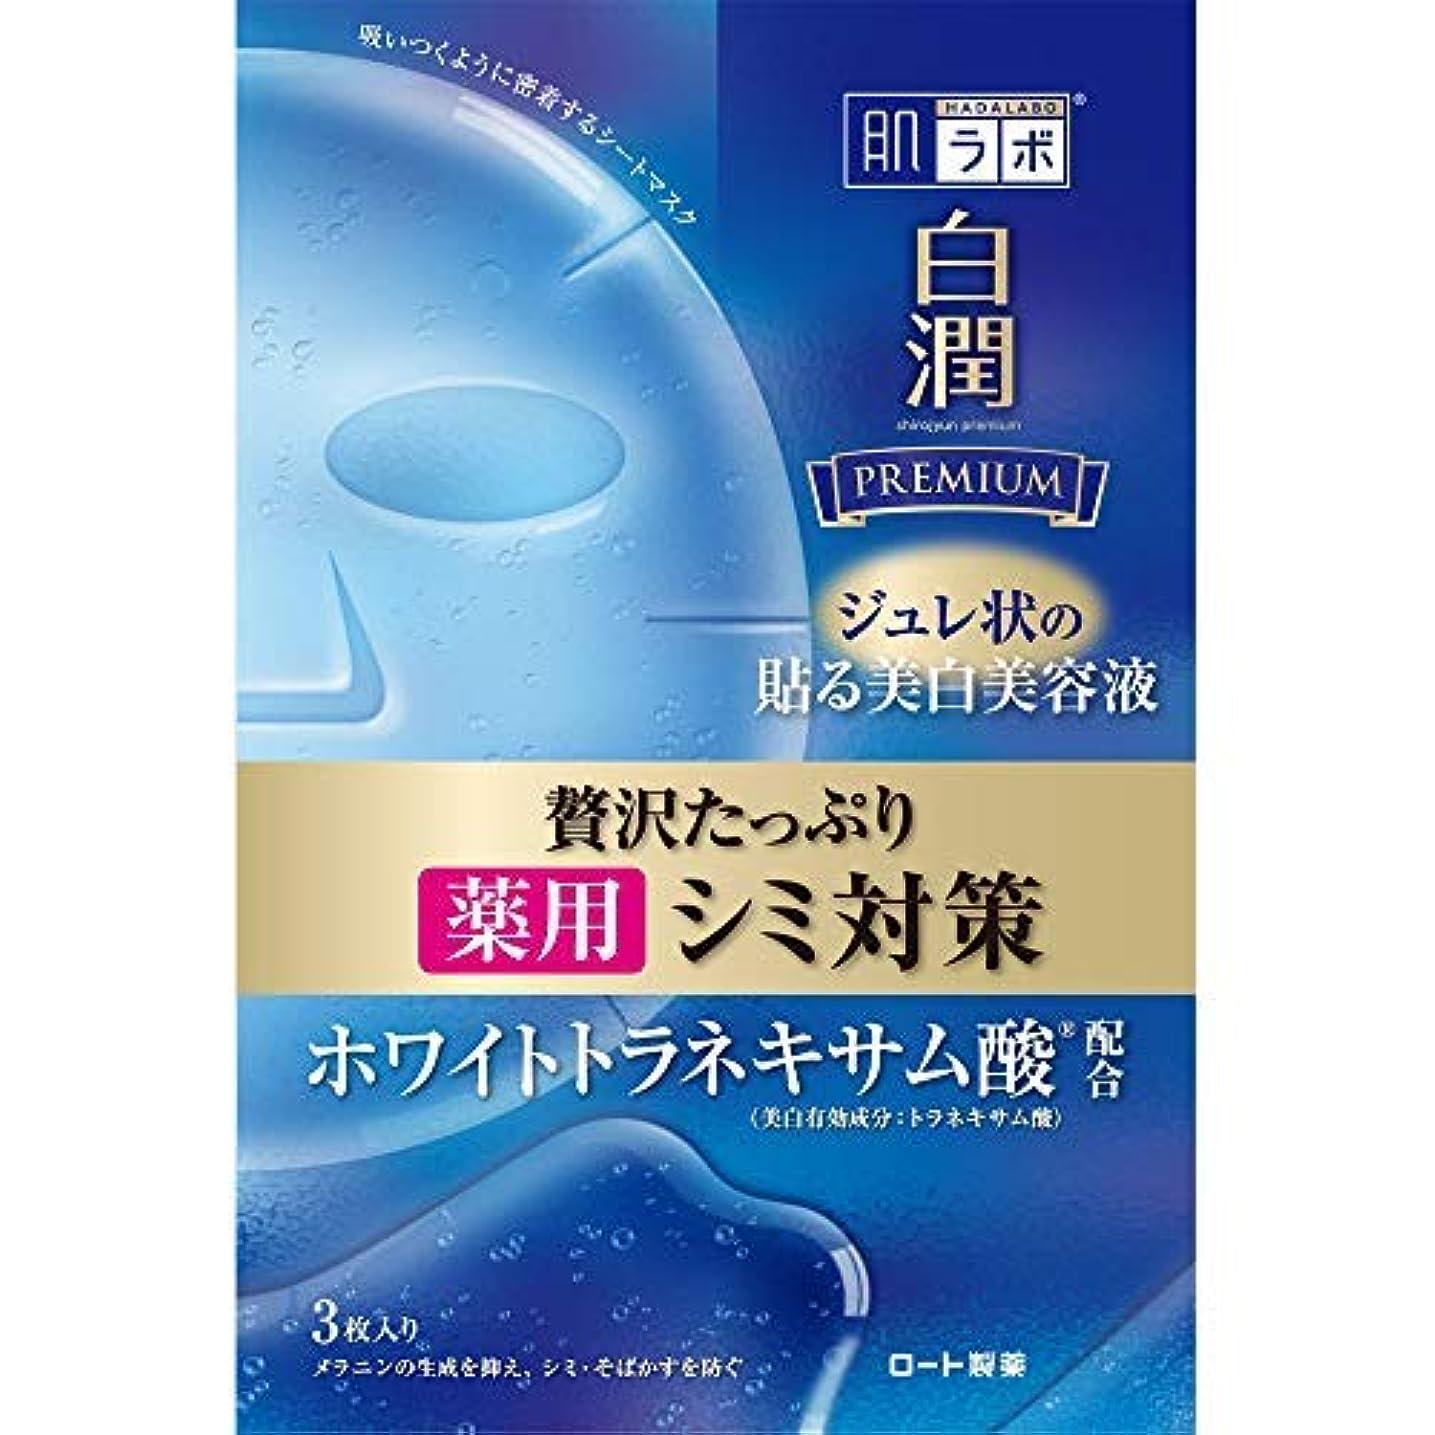 ブリーフケース比率しみ肌ラボ 白潤プレミアム 薬用浸透美白ジュレマスク × 3個セット